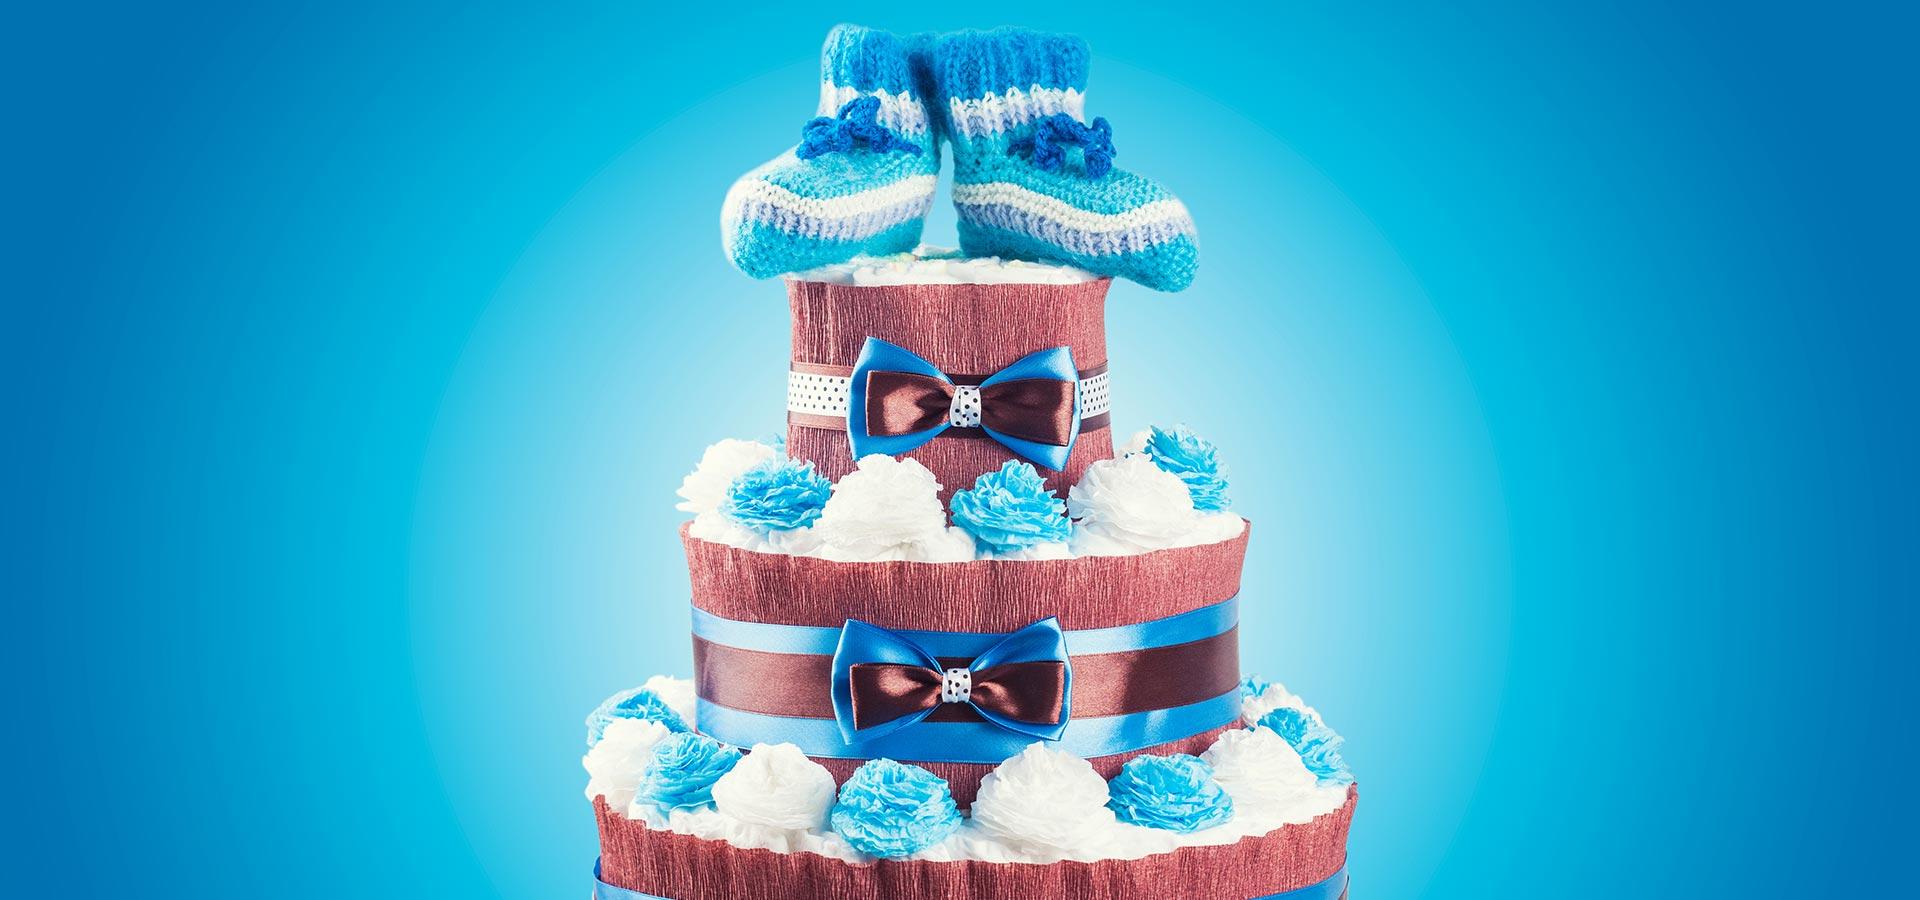 Gâteau de couches avec chaussons bébé